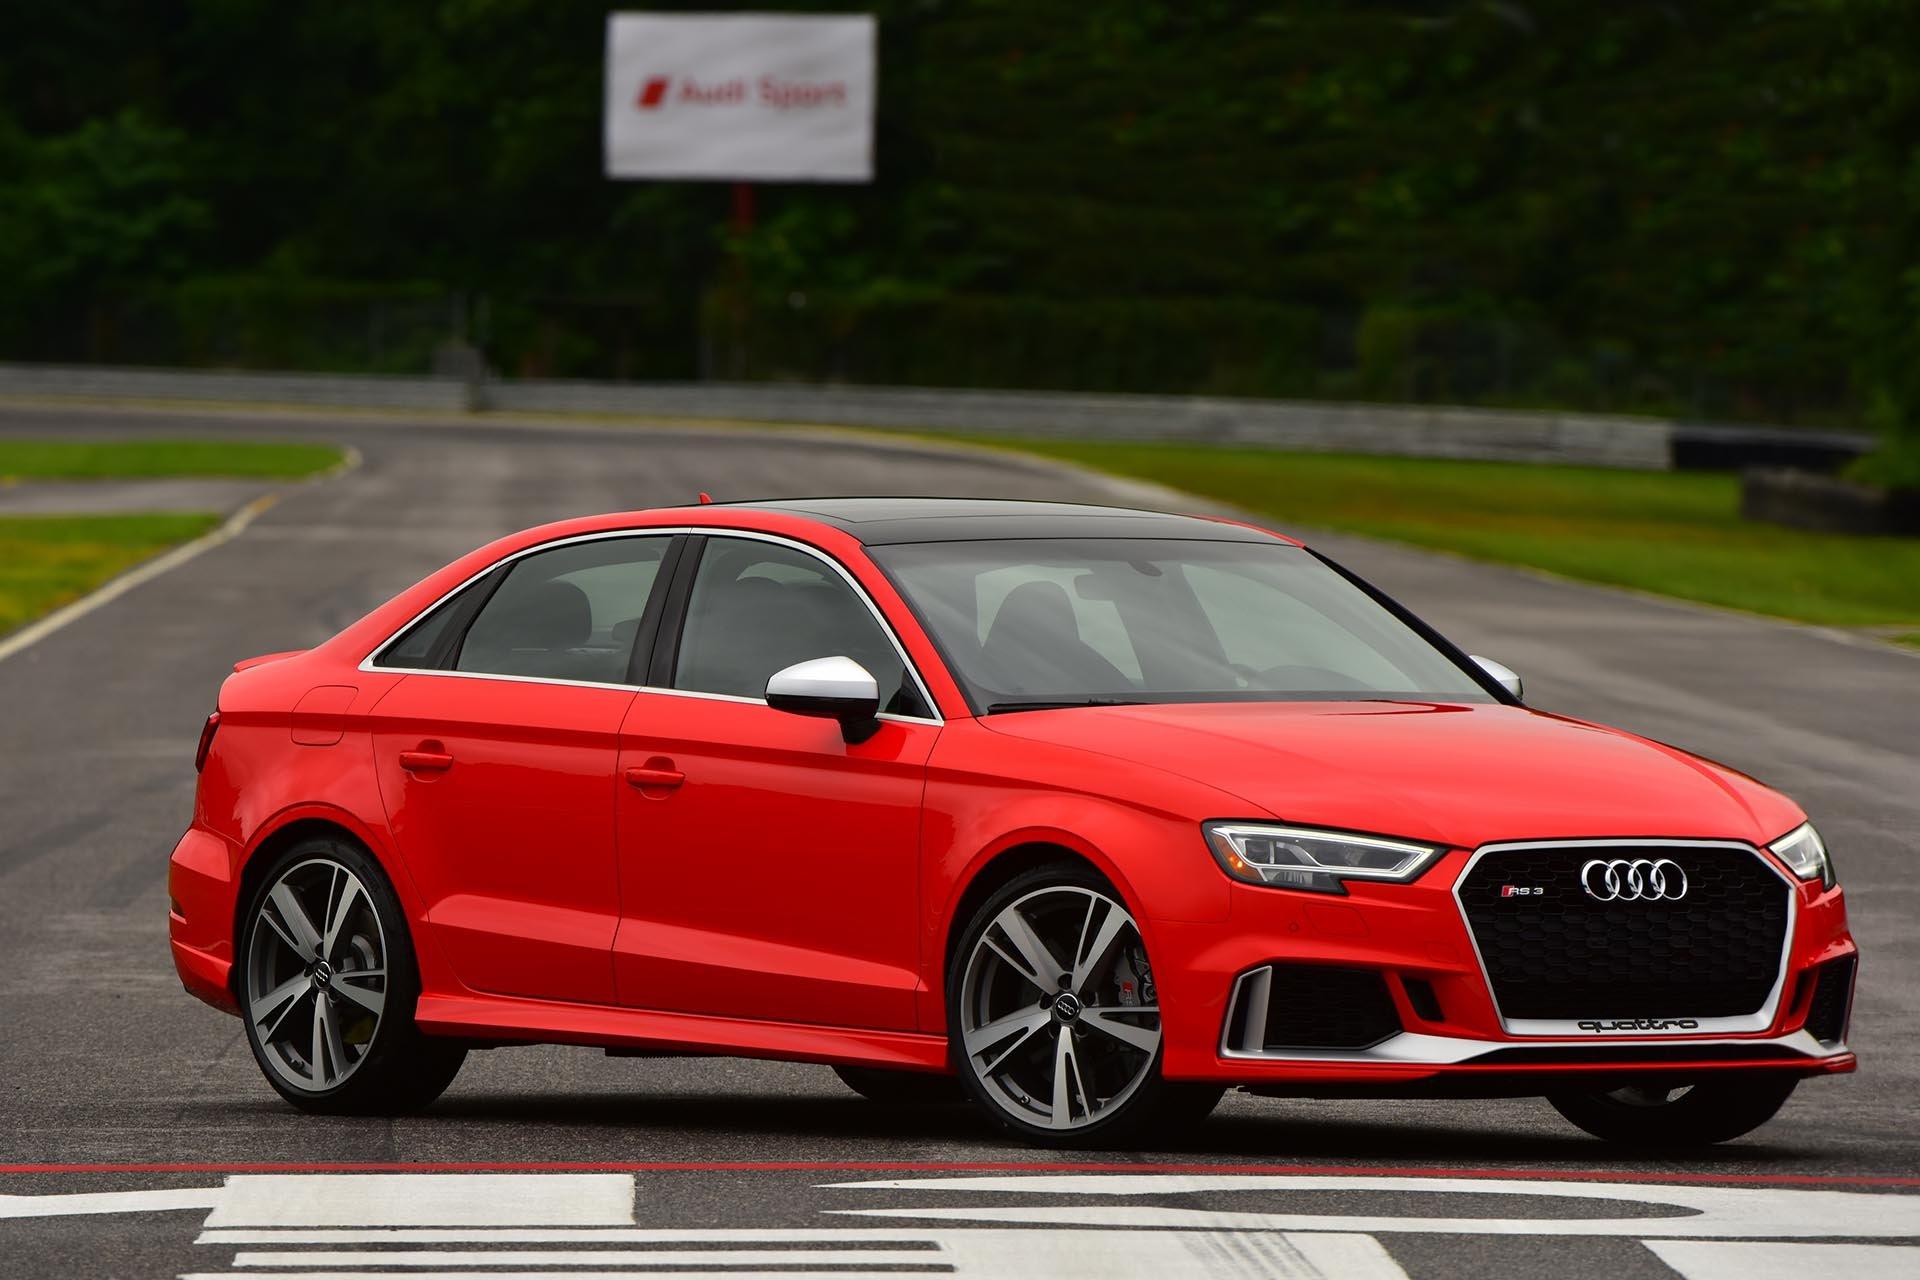 06_Audi RS3 2.5t Quattro front